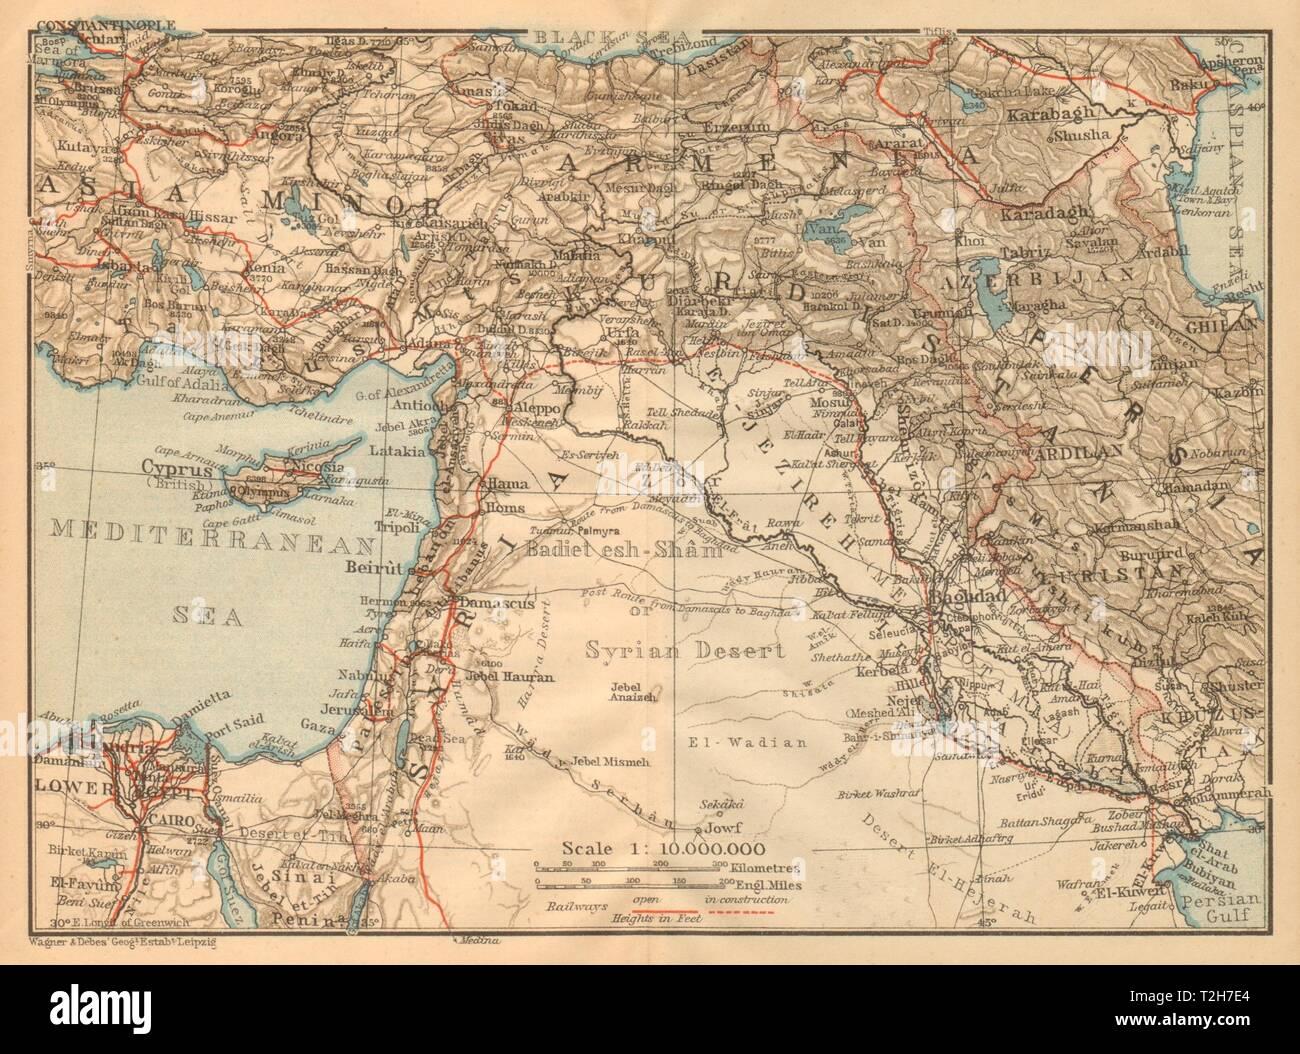 Syrien Irak Karte.Syrien Mesopotamien Und Babylonien Irak Levant Turkei